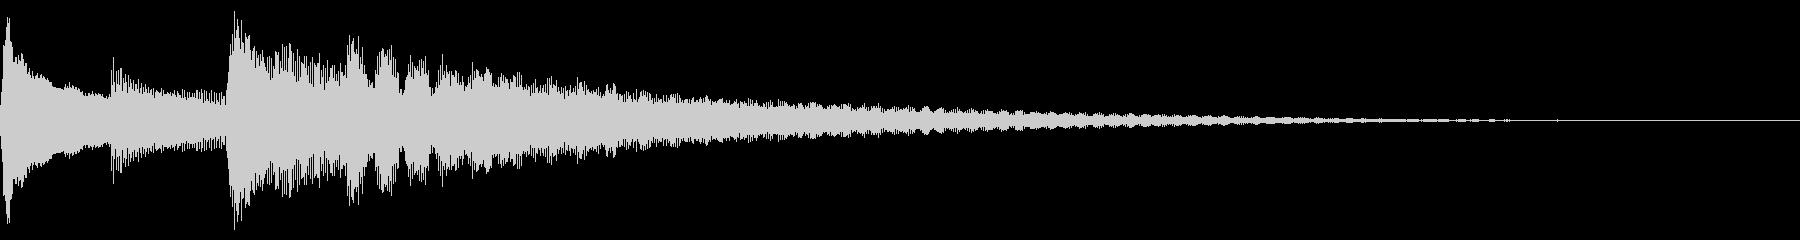 アンニュイ アルペジオ ナイロンギターの未再生の波形